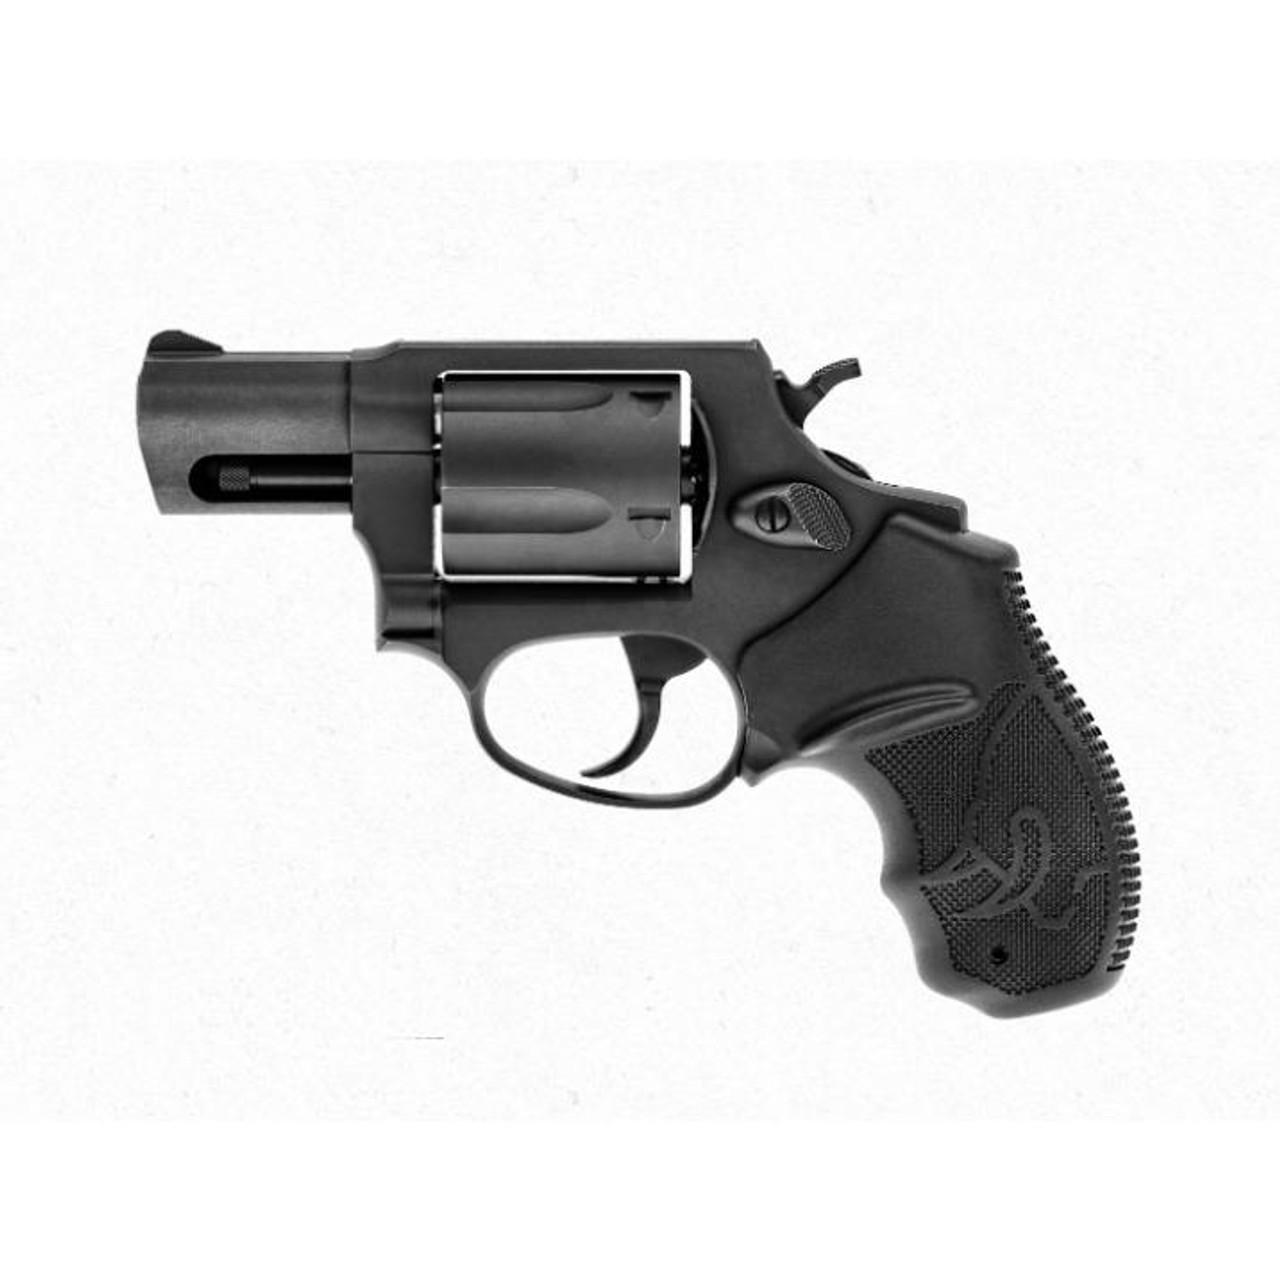 Taurus 605 - Black #2-605021